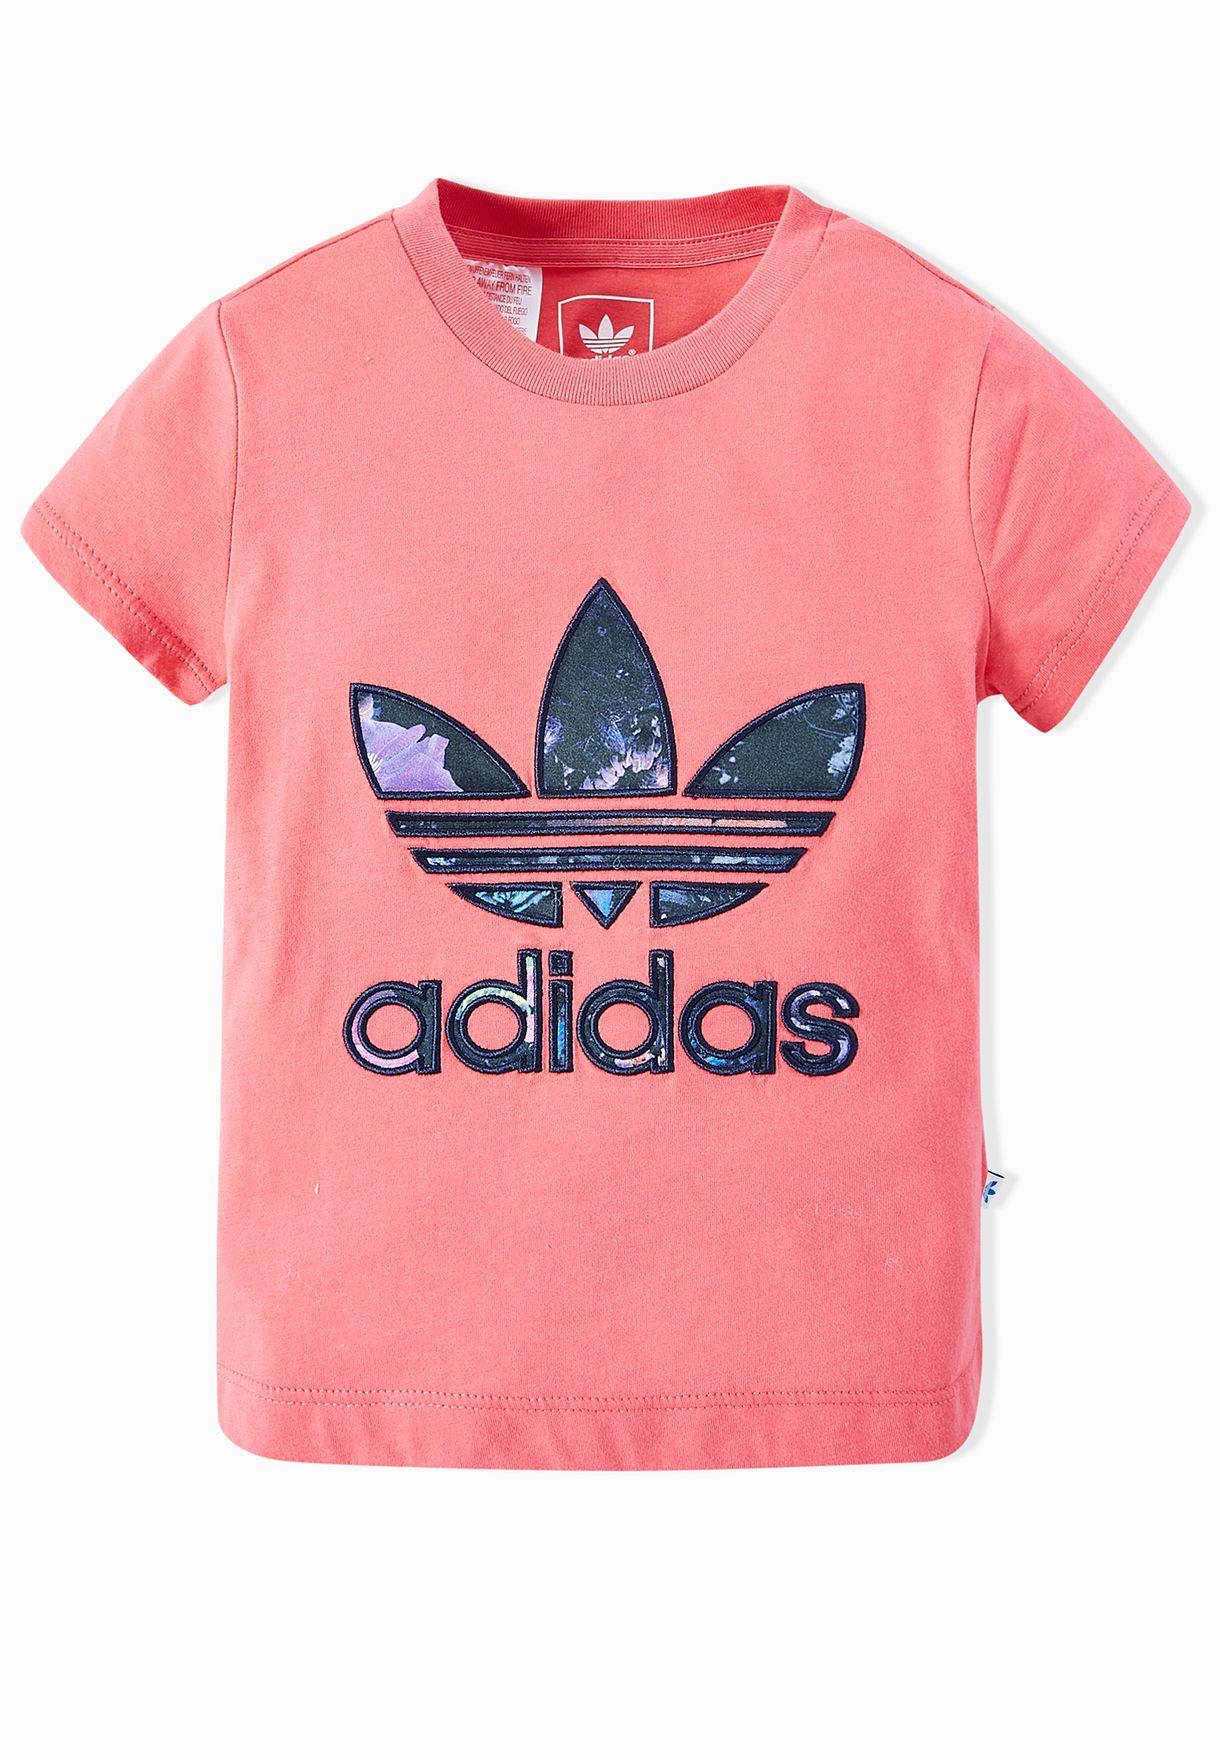 4ca0ab6771 Shop adidas Originals pink Youth Trefoil Logo T-Shirt AJ0035 for ...